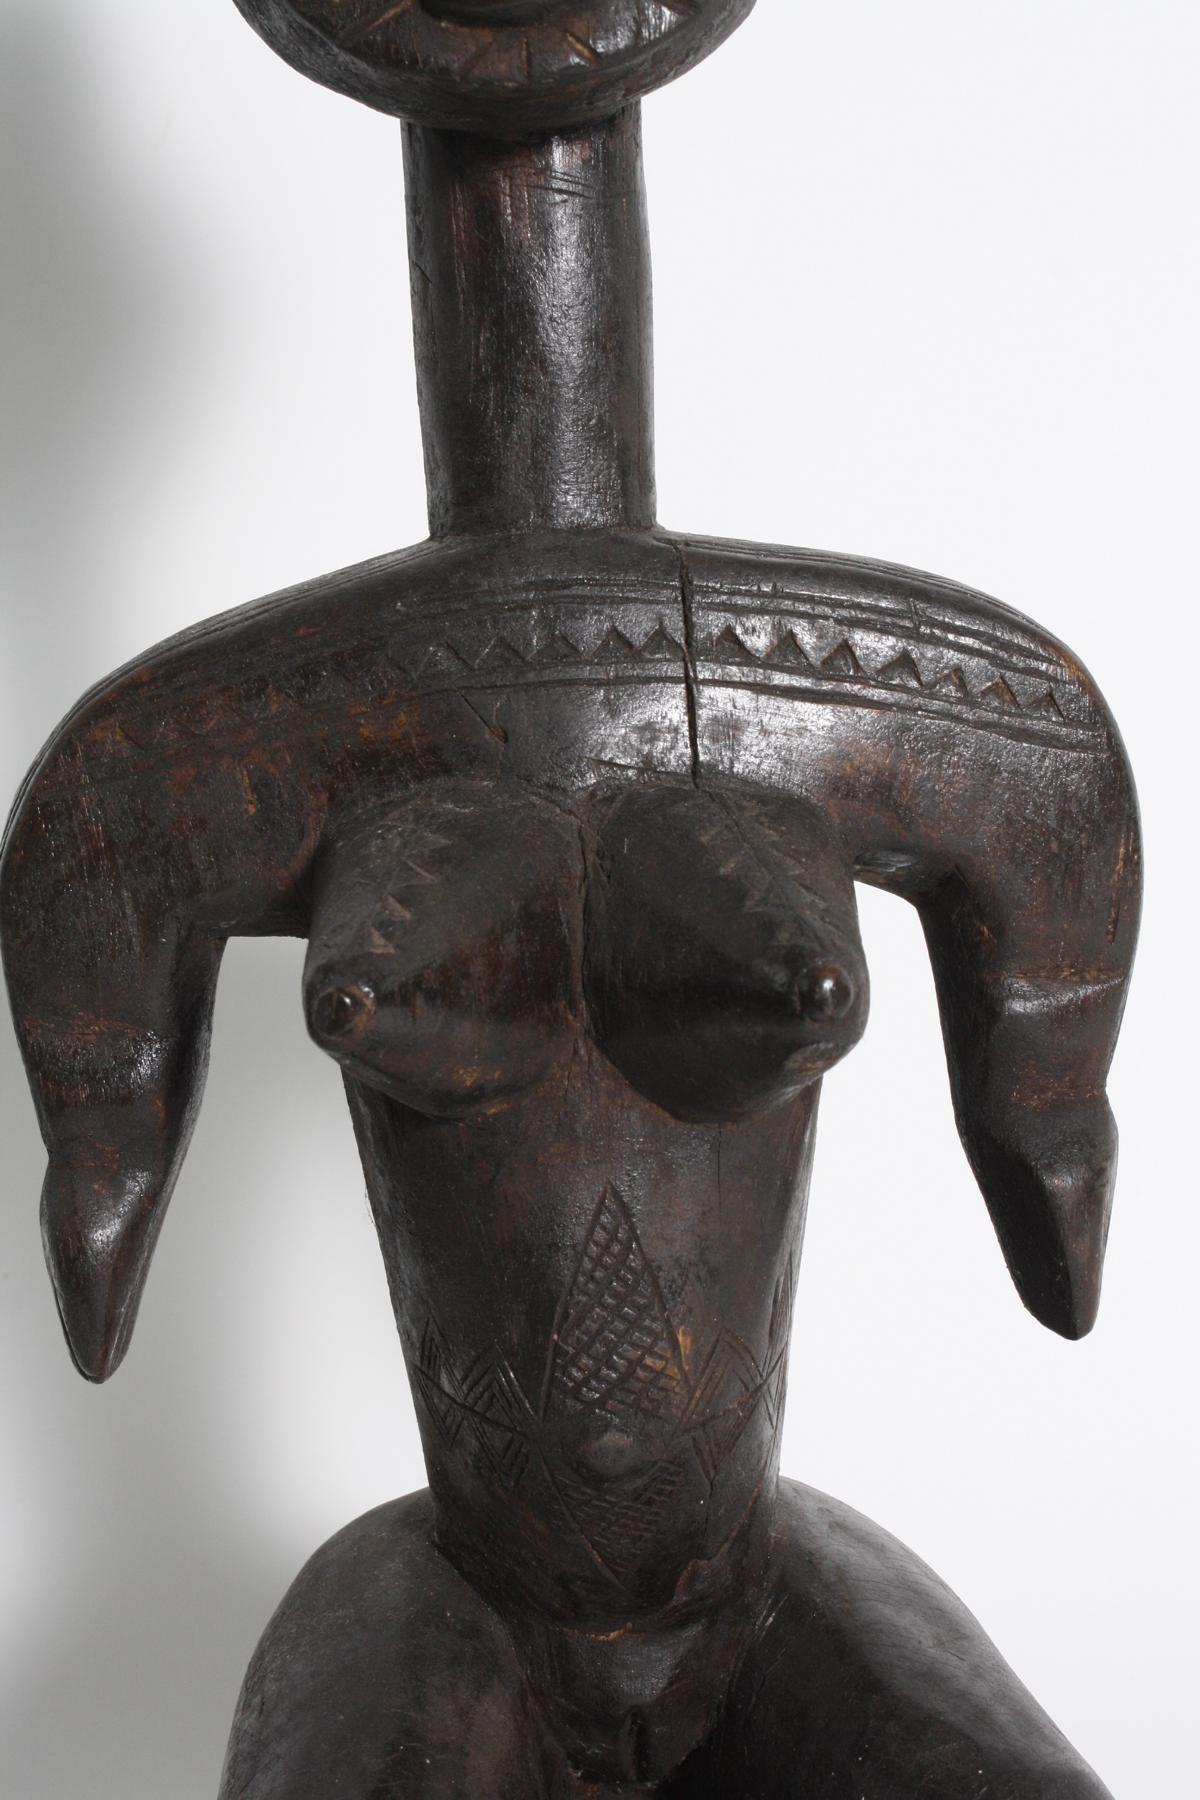 Sitzende weibliche Figur, Bambara, Mali, 1. Hälfte 20. Jh.-3